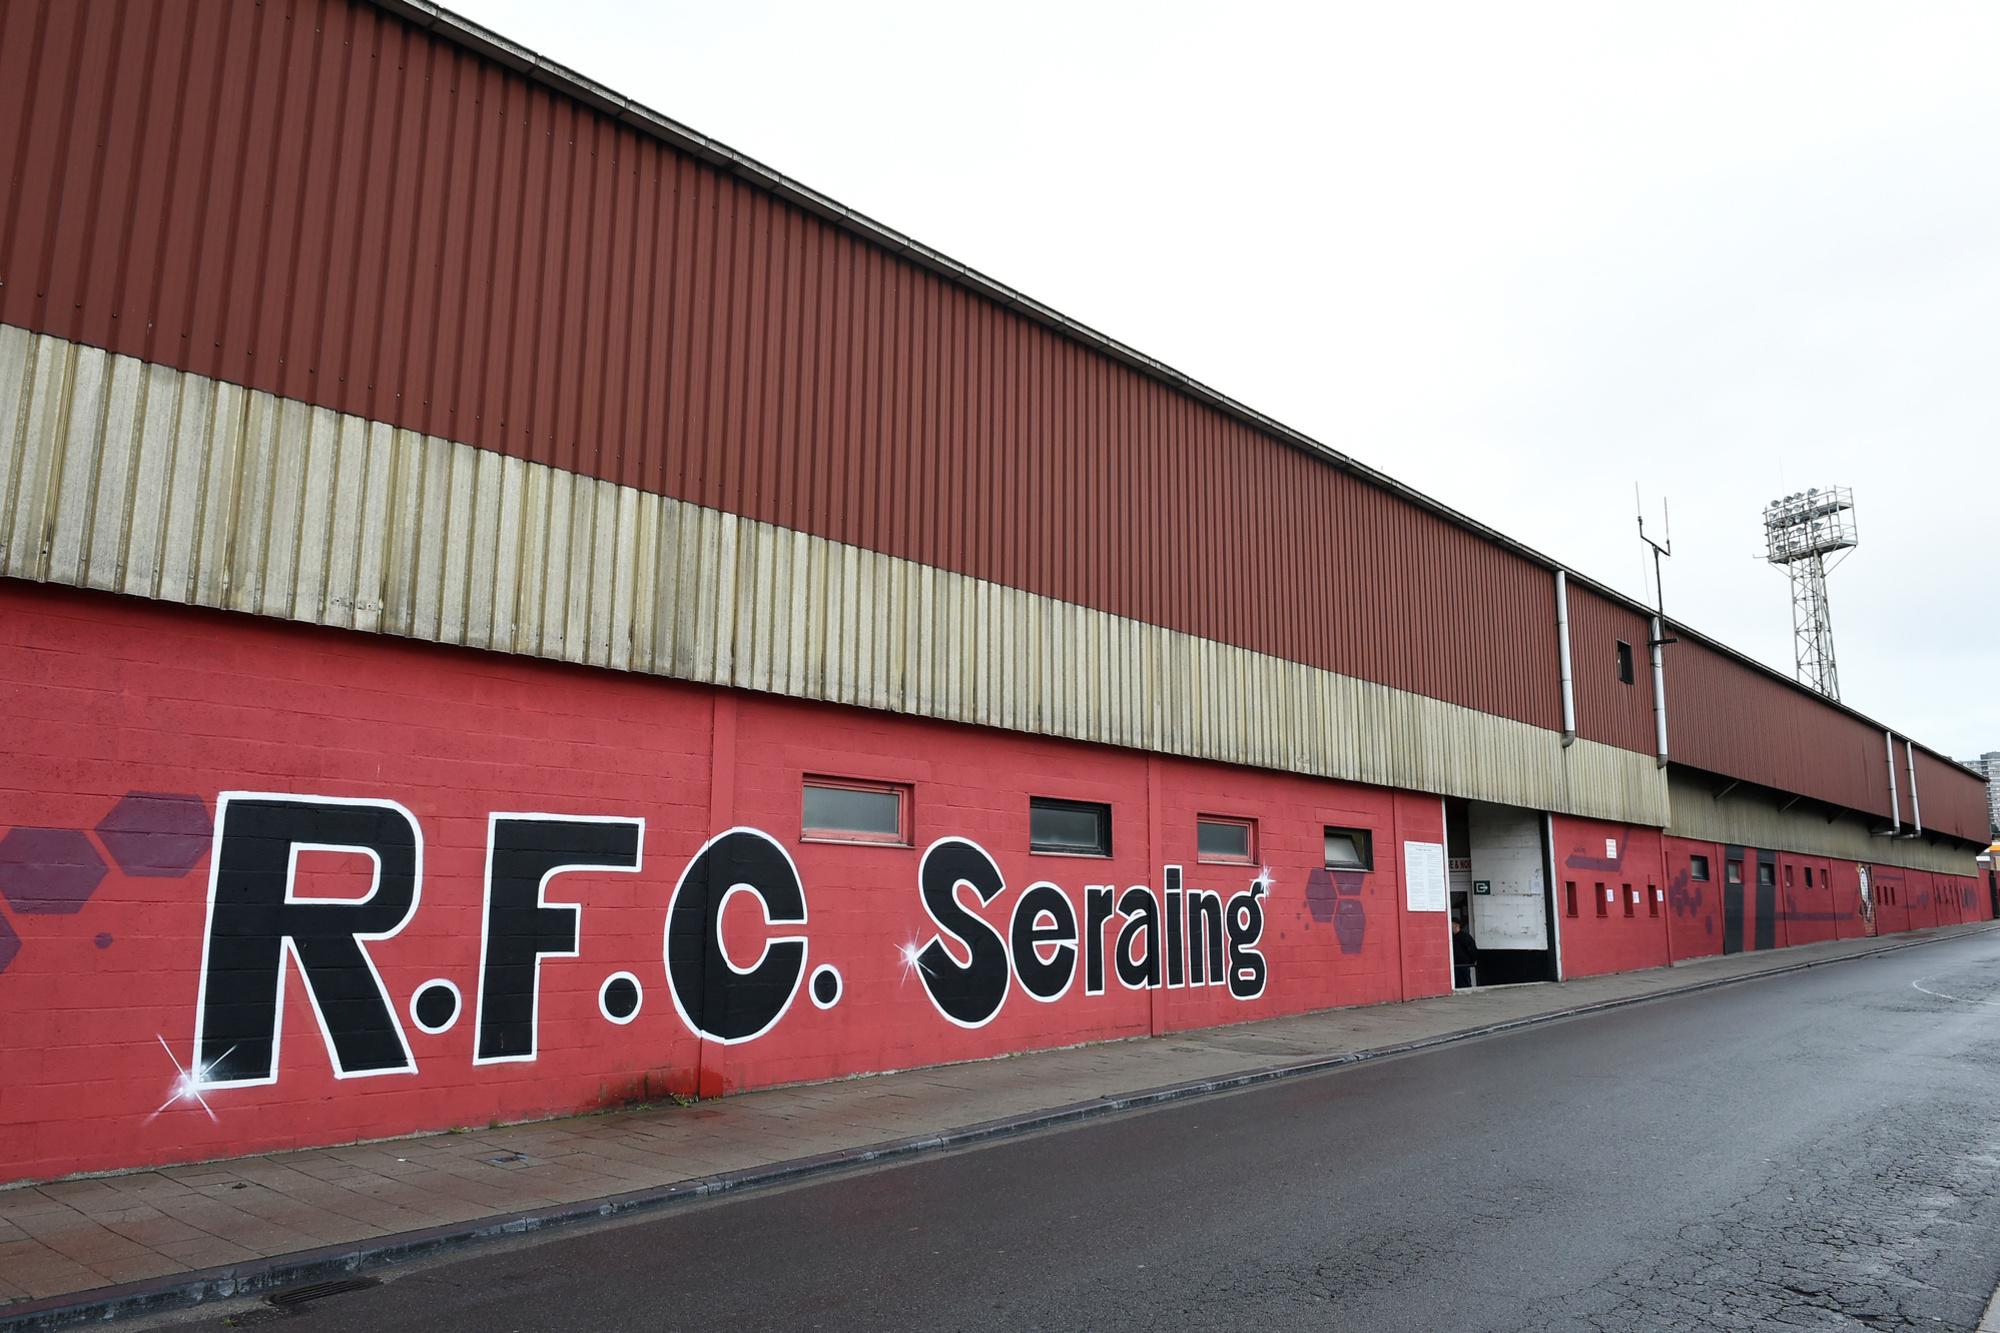 Les couleurs du club s'affichent jusqu'à la façade du stade, belga